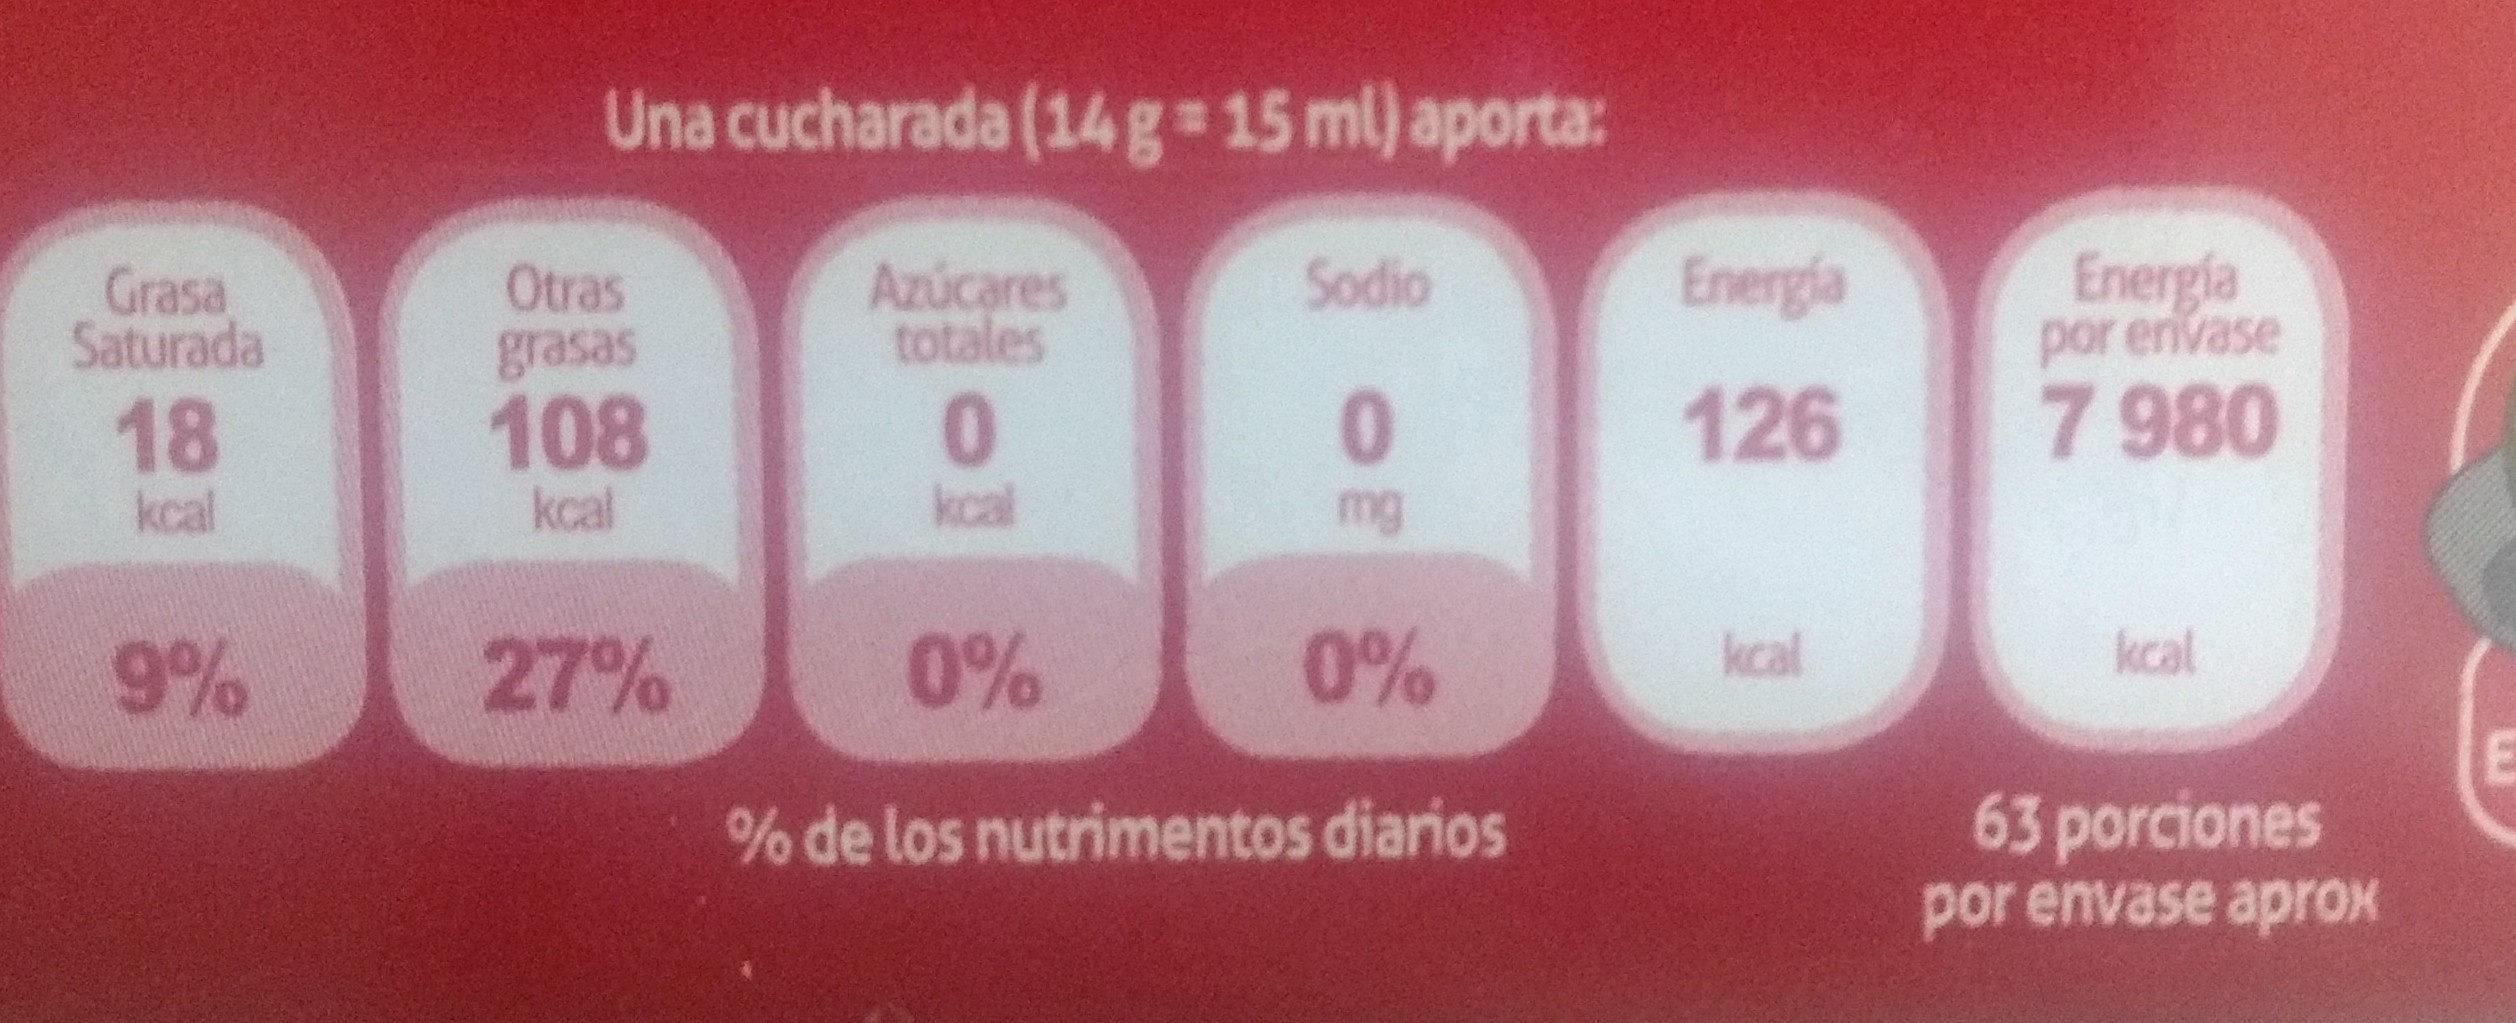 Carbonell clásico - Información nutricional - es